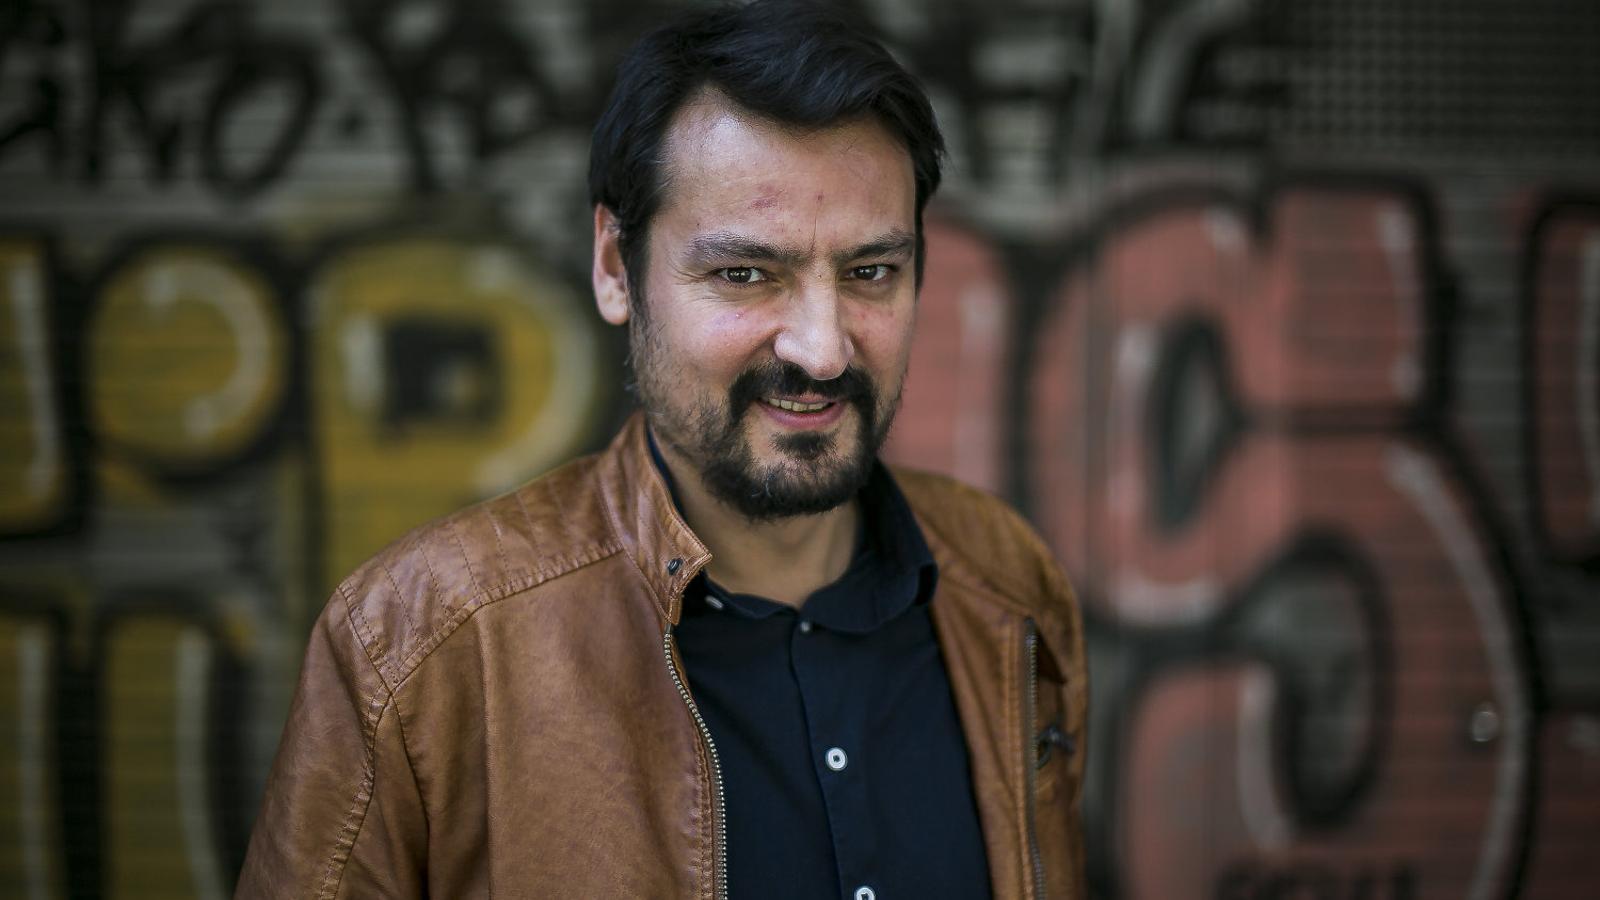 Òscar Andreu combina la literatura amb la ràdio i el seu vessant com  a músic. / MARC ROVIRA